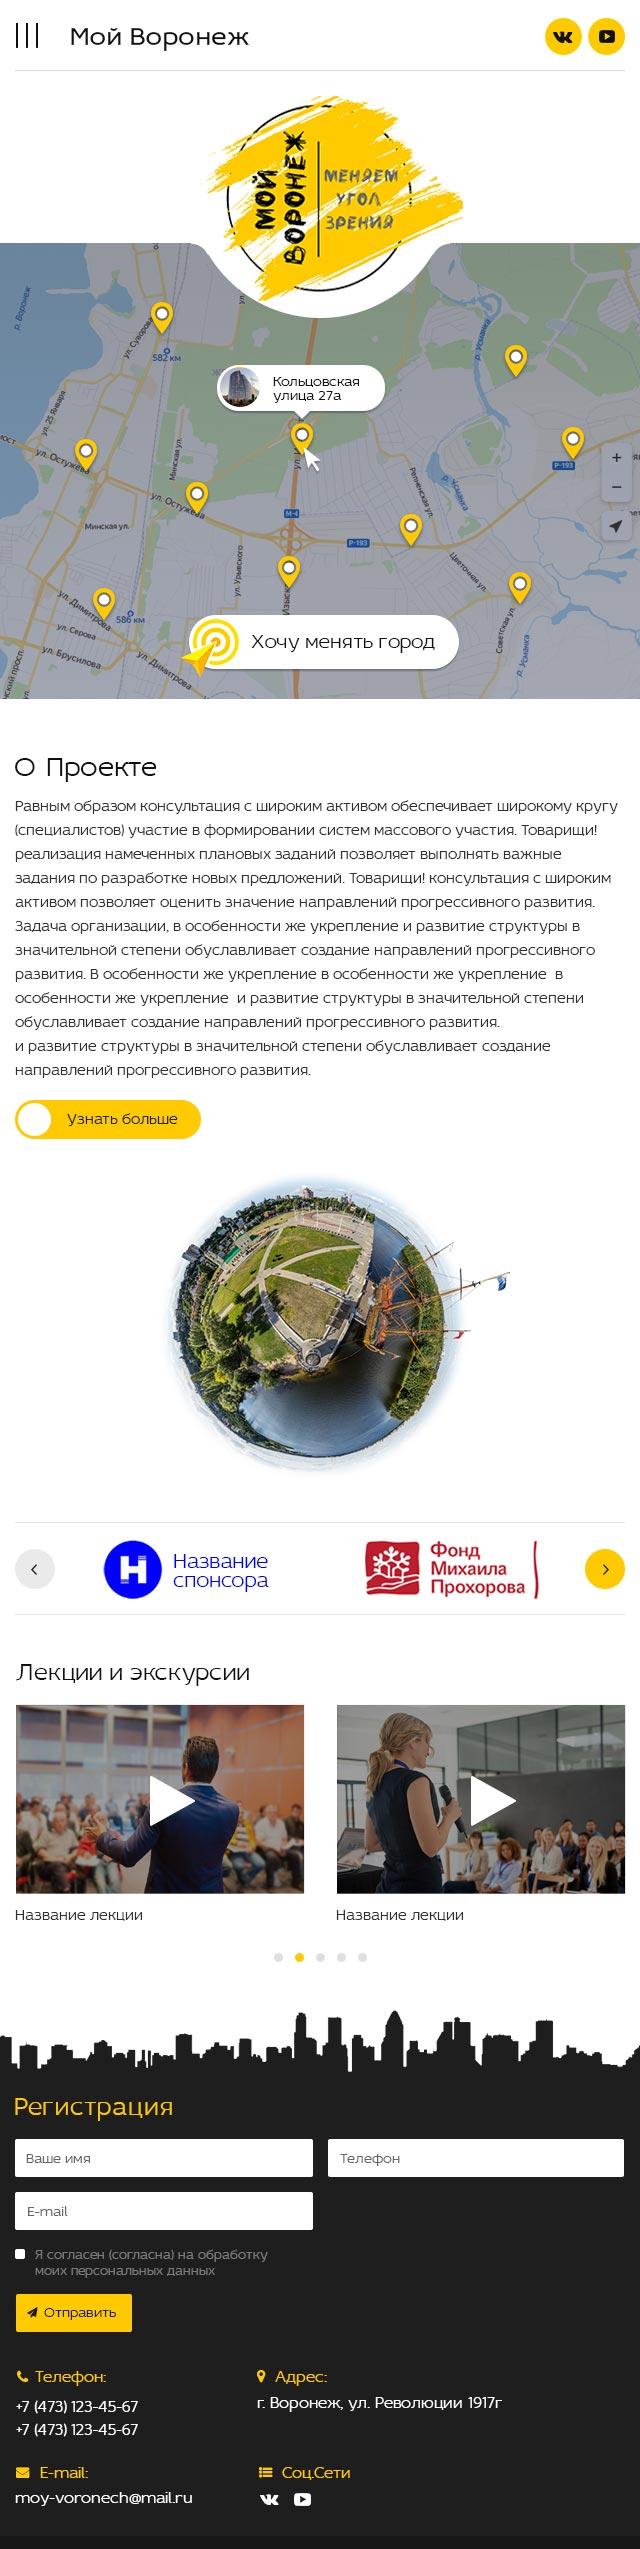 примеры сайтов предприятий Мой Воронеж 640 px